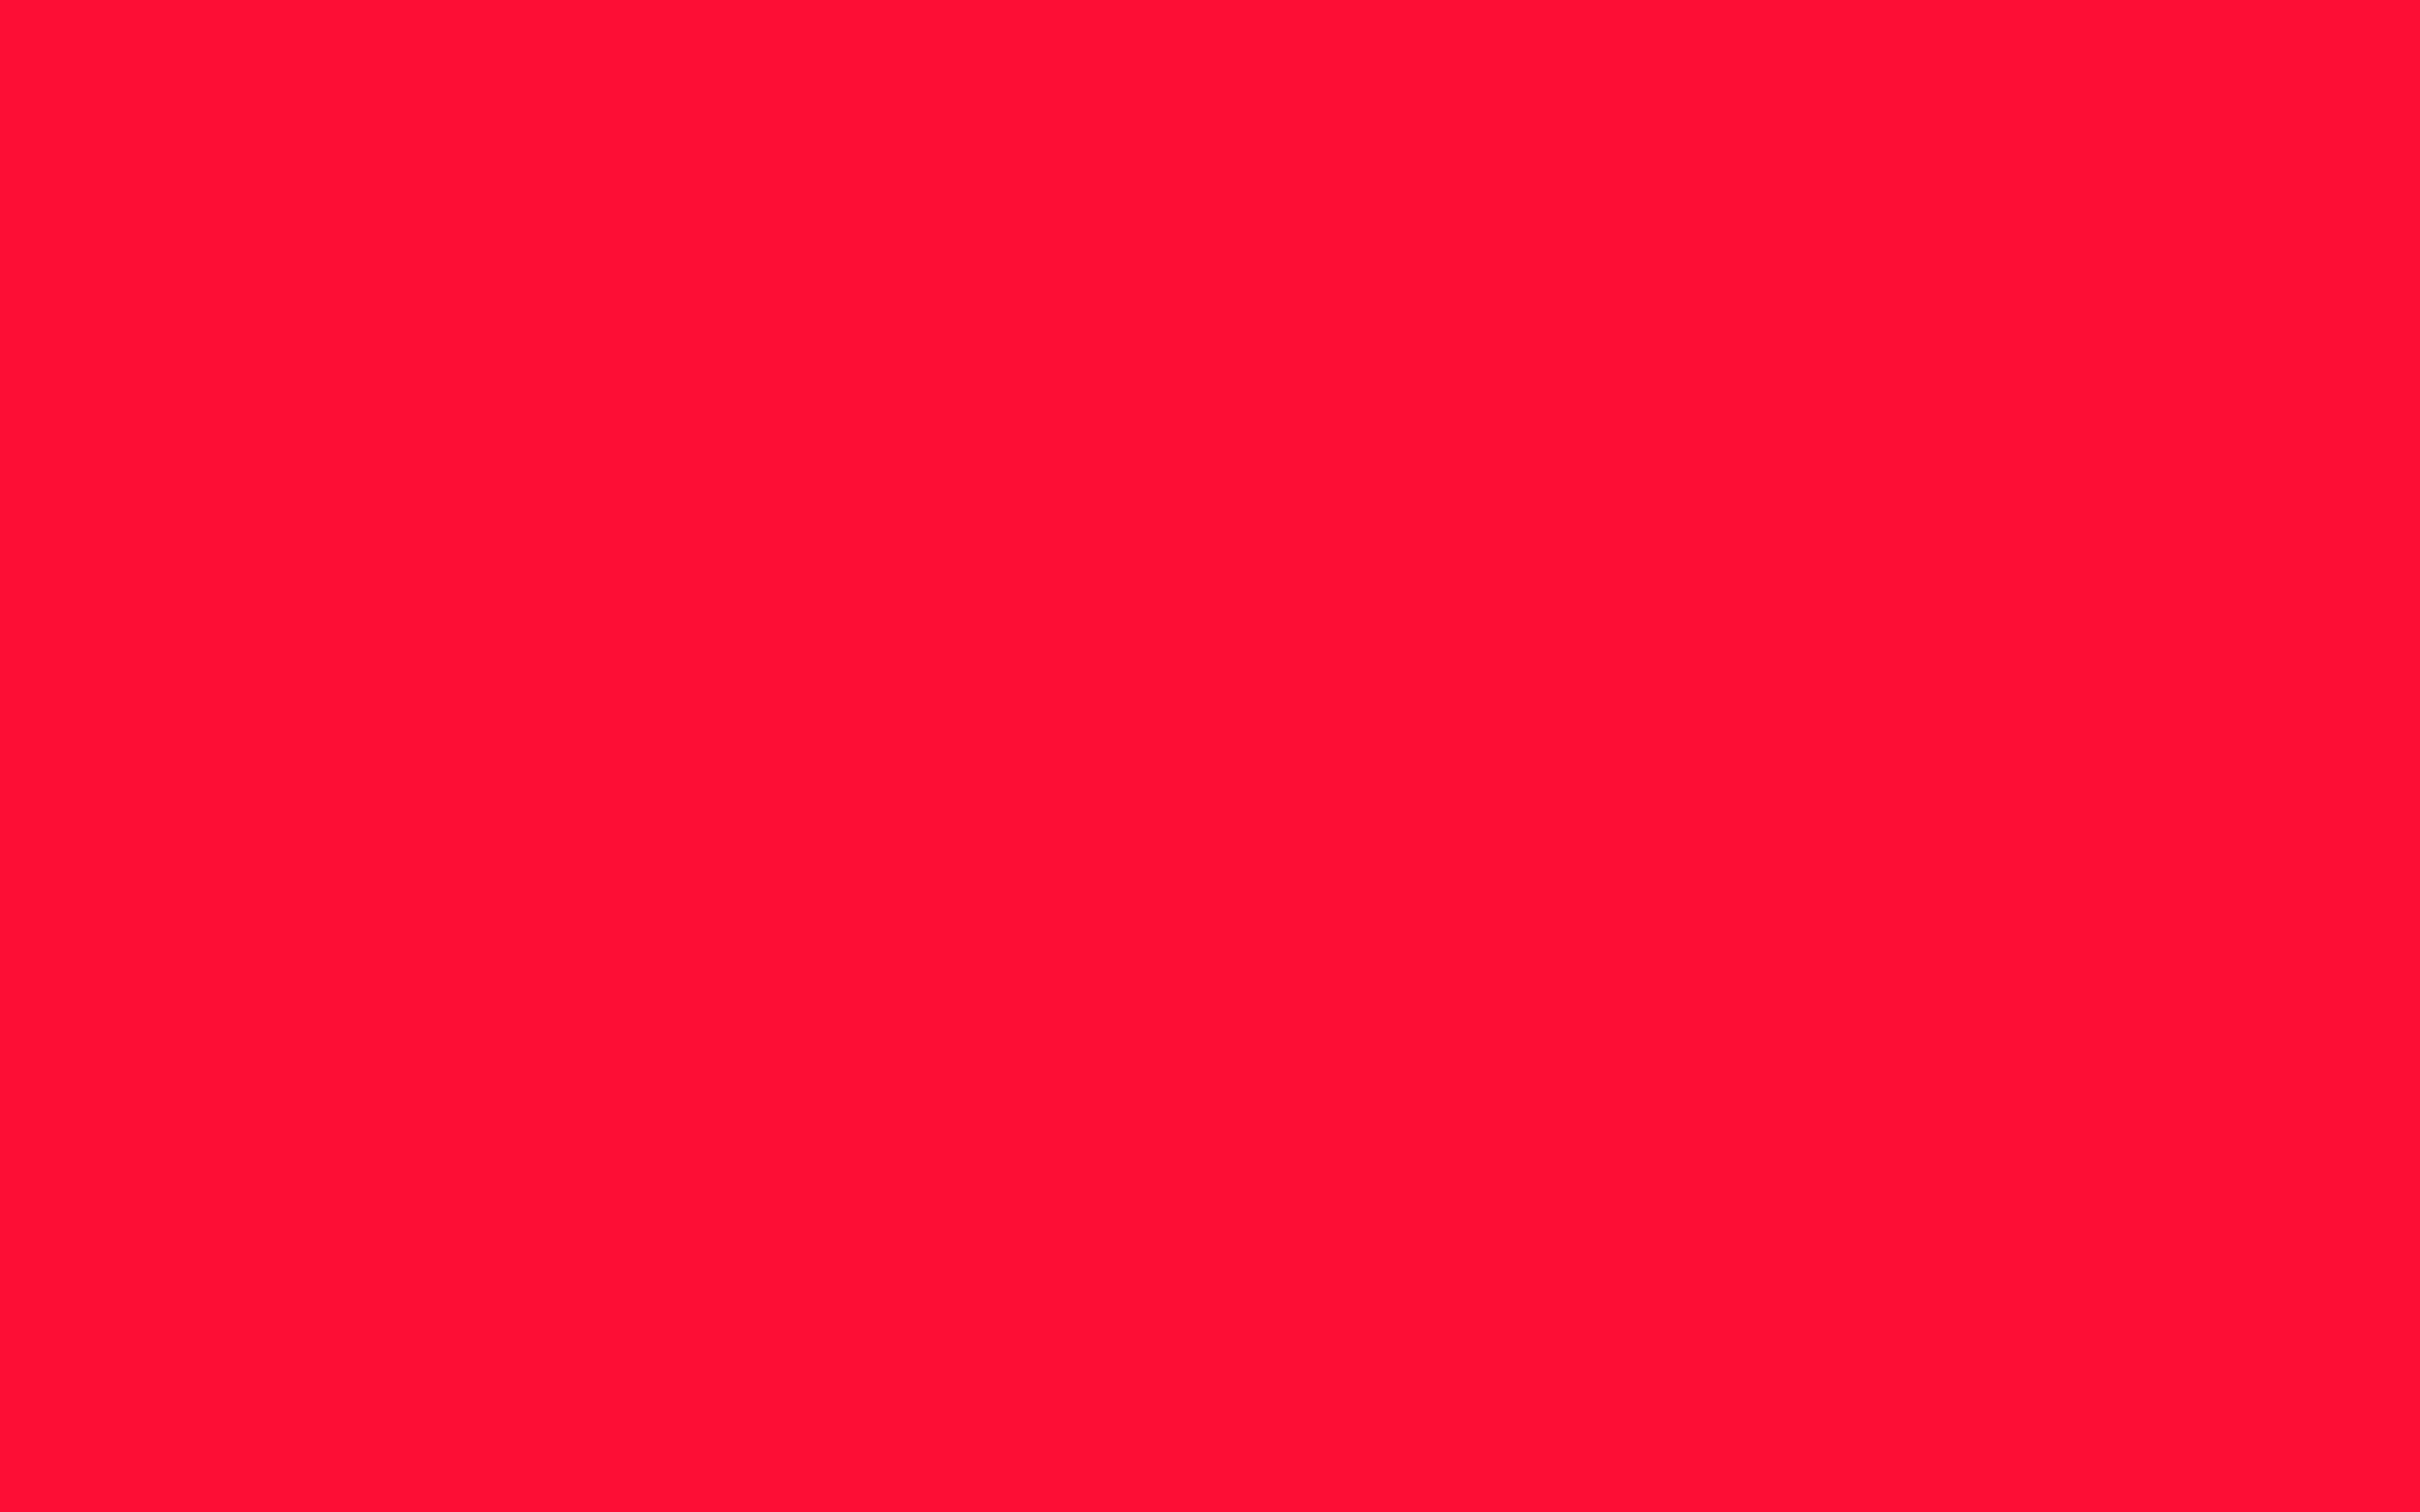 2560x1600 Scarlet Crayola Solid Color Background